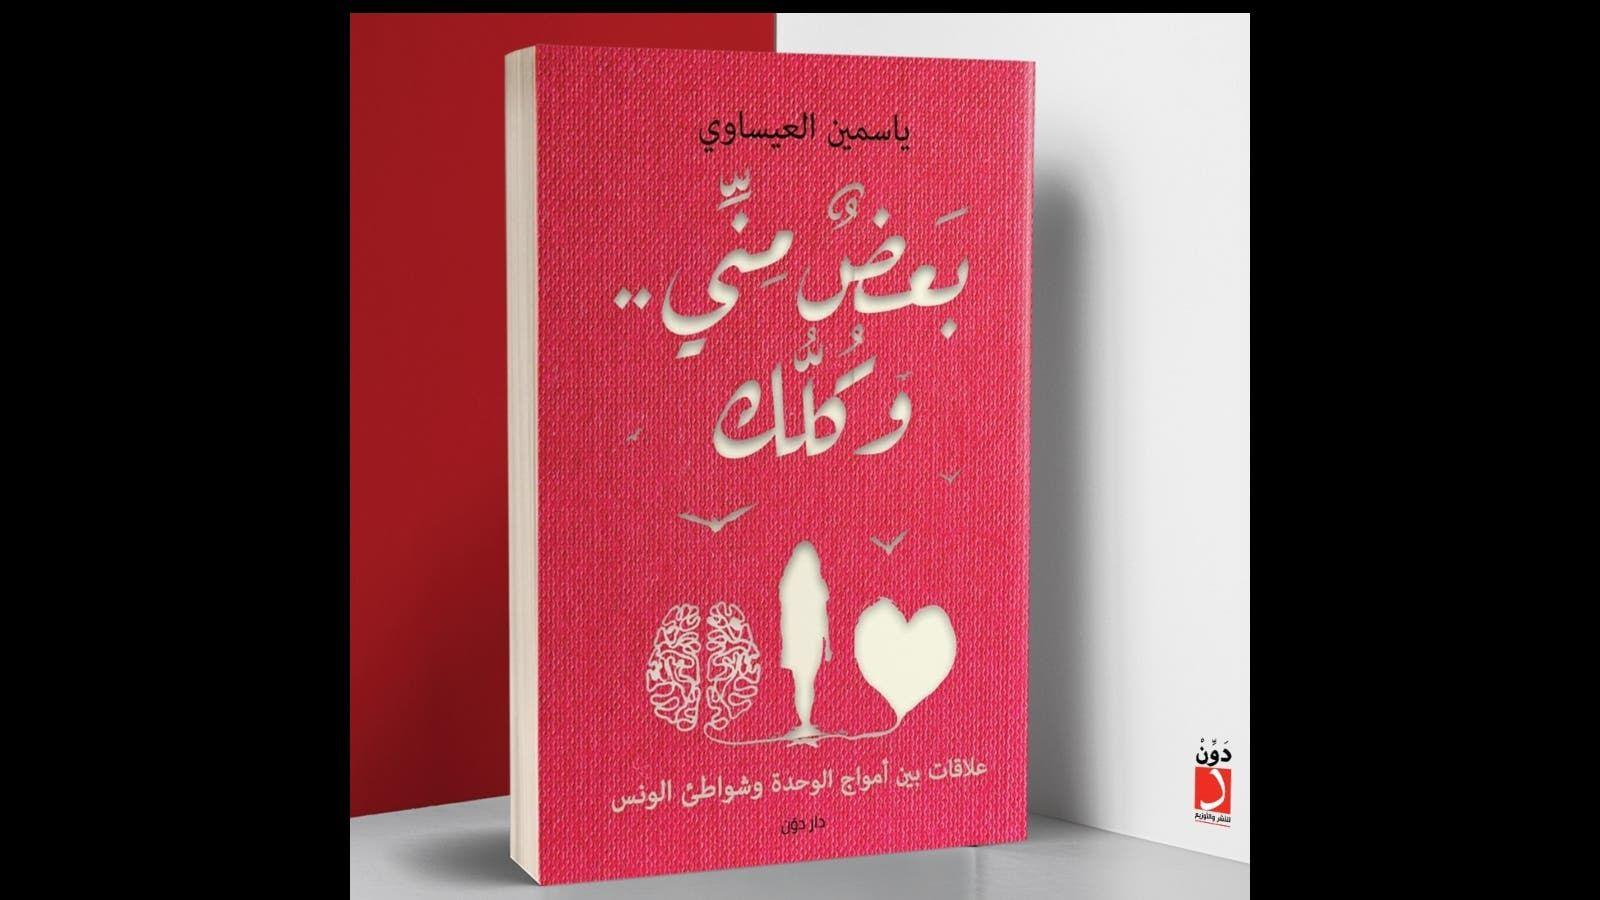 صدر حديثا كتاب جديد بعنوان بعض منى وكلك ياسمين العيساوى Book Cover Passport Holder